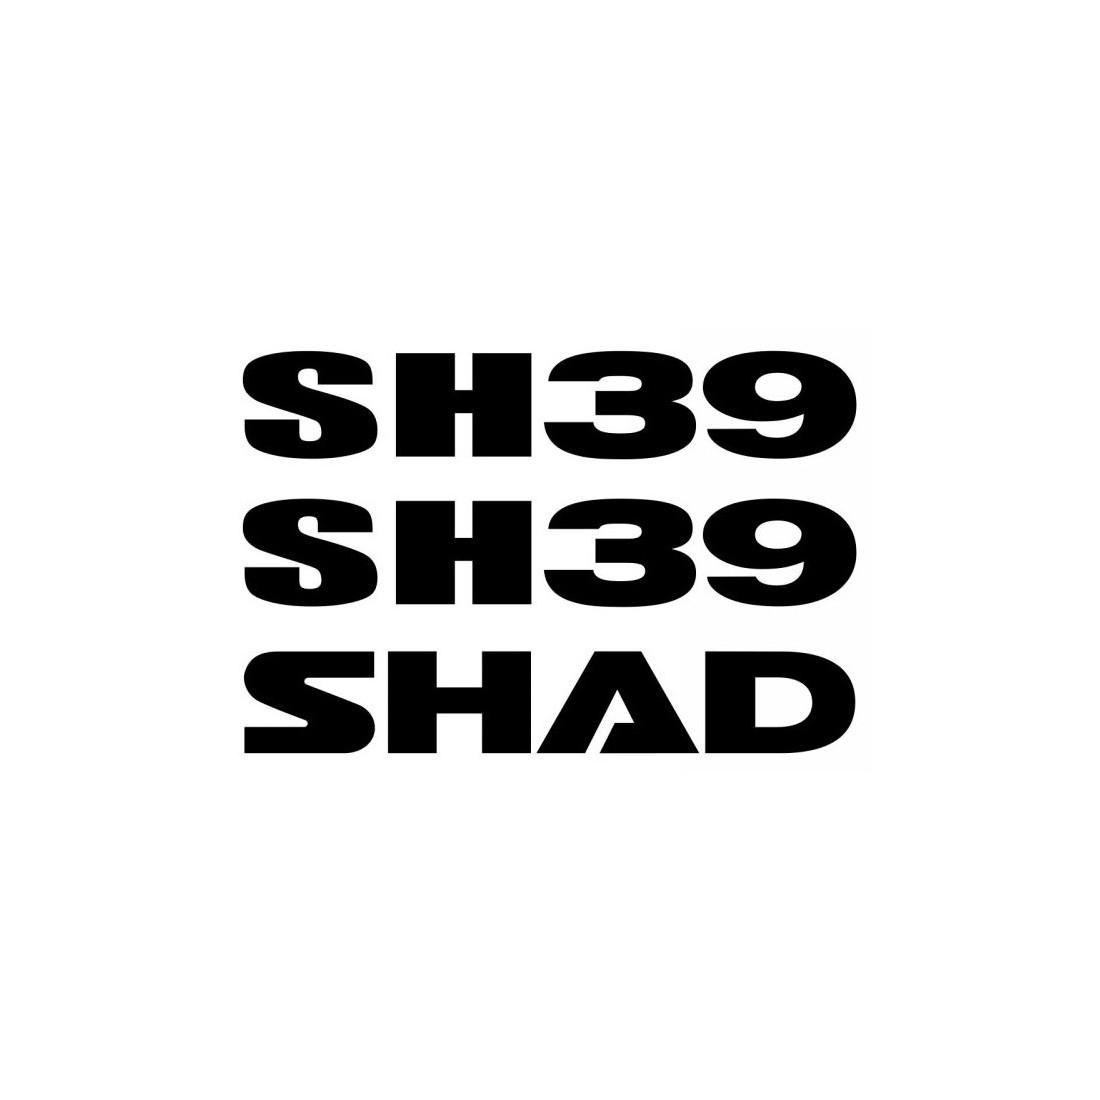 Recambio Cjt Adhesivos Shad SH39